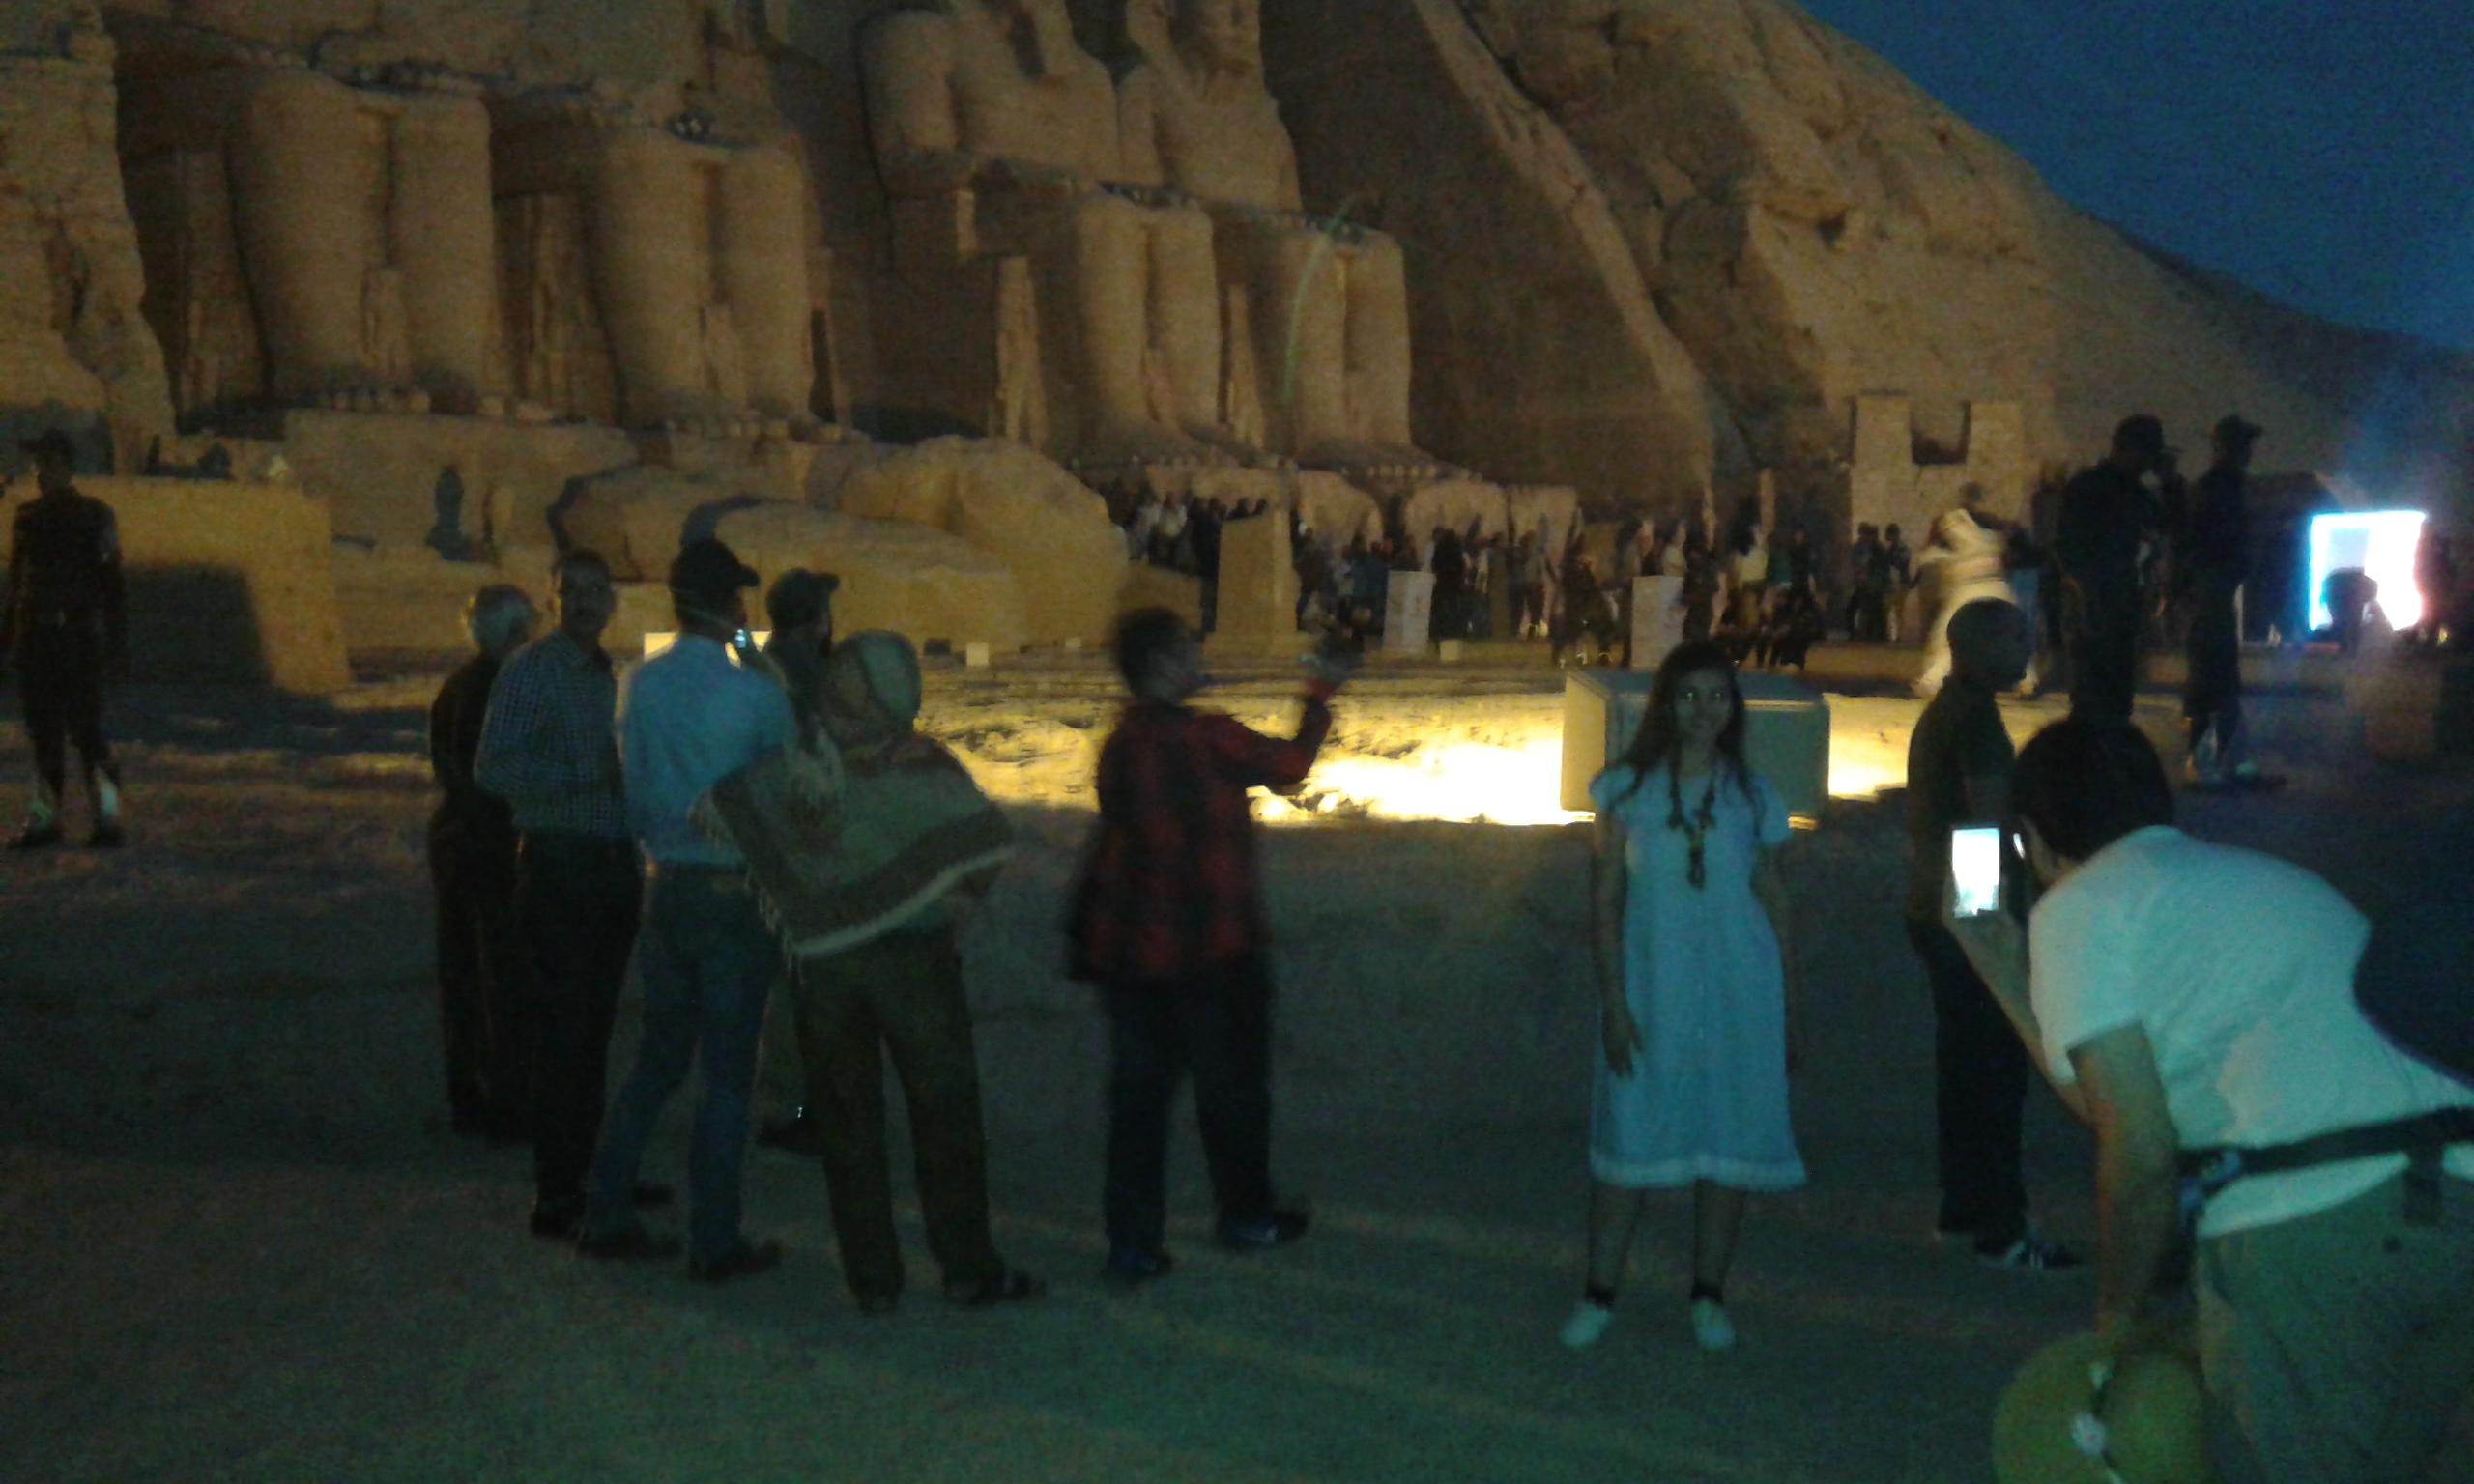 السياح يلتقطون السيلفى أمام معبد أبو سمبل (3)